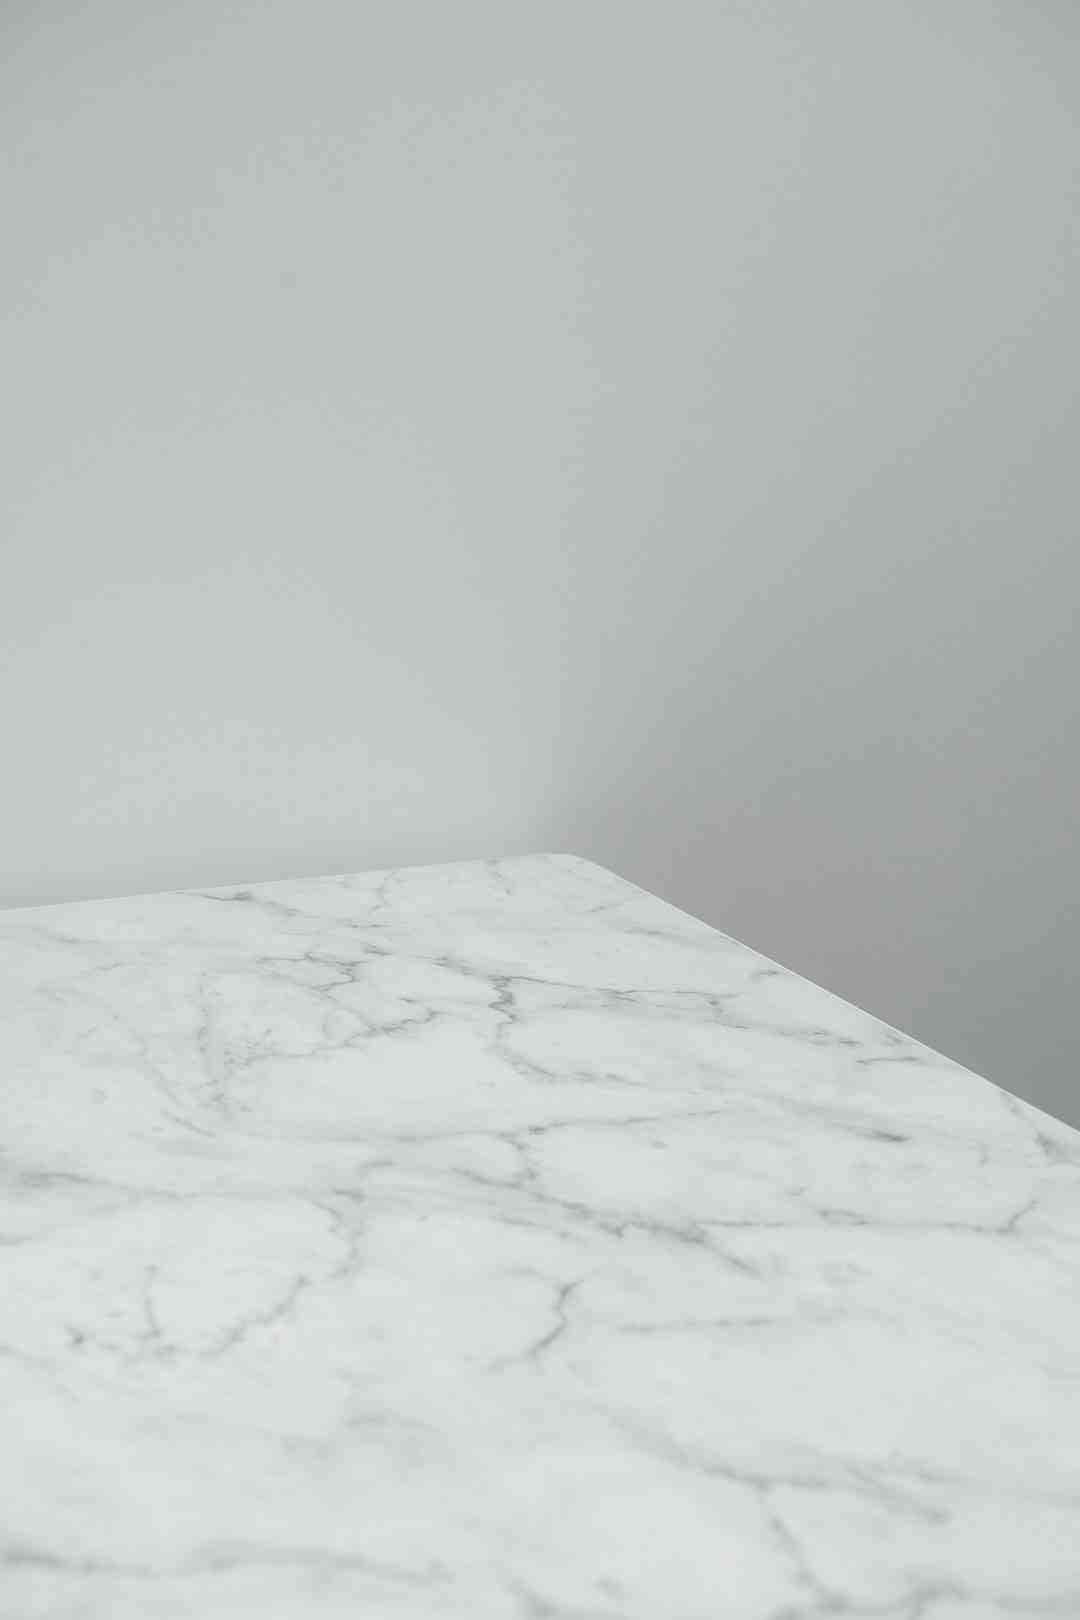 Comment enlever trace de calcaire sur marbre ?